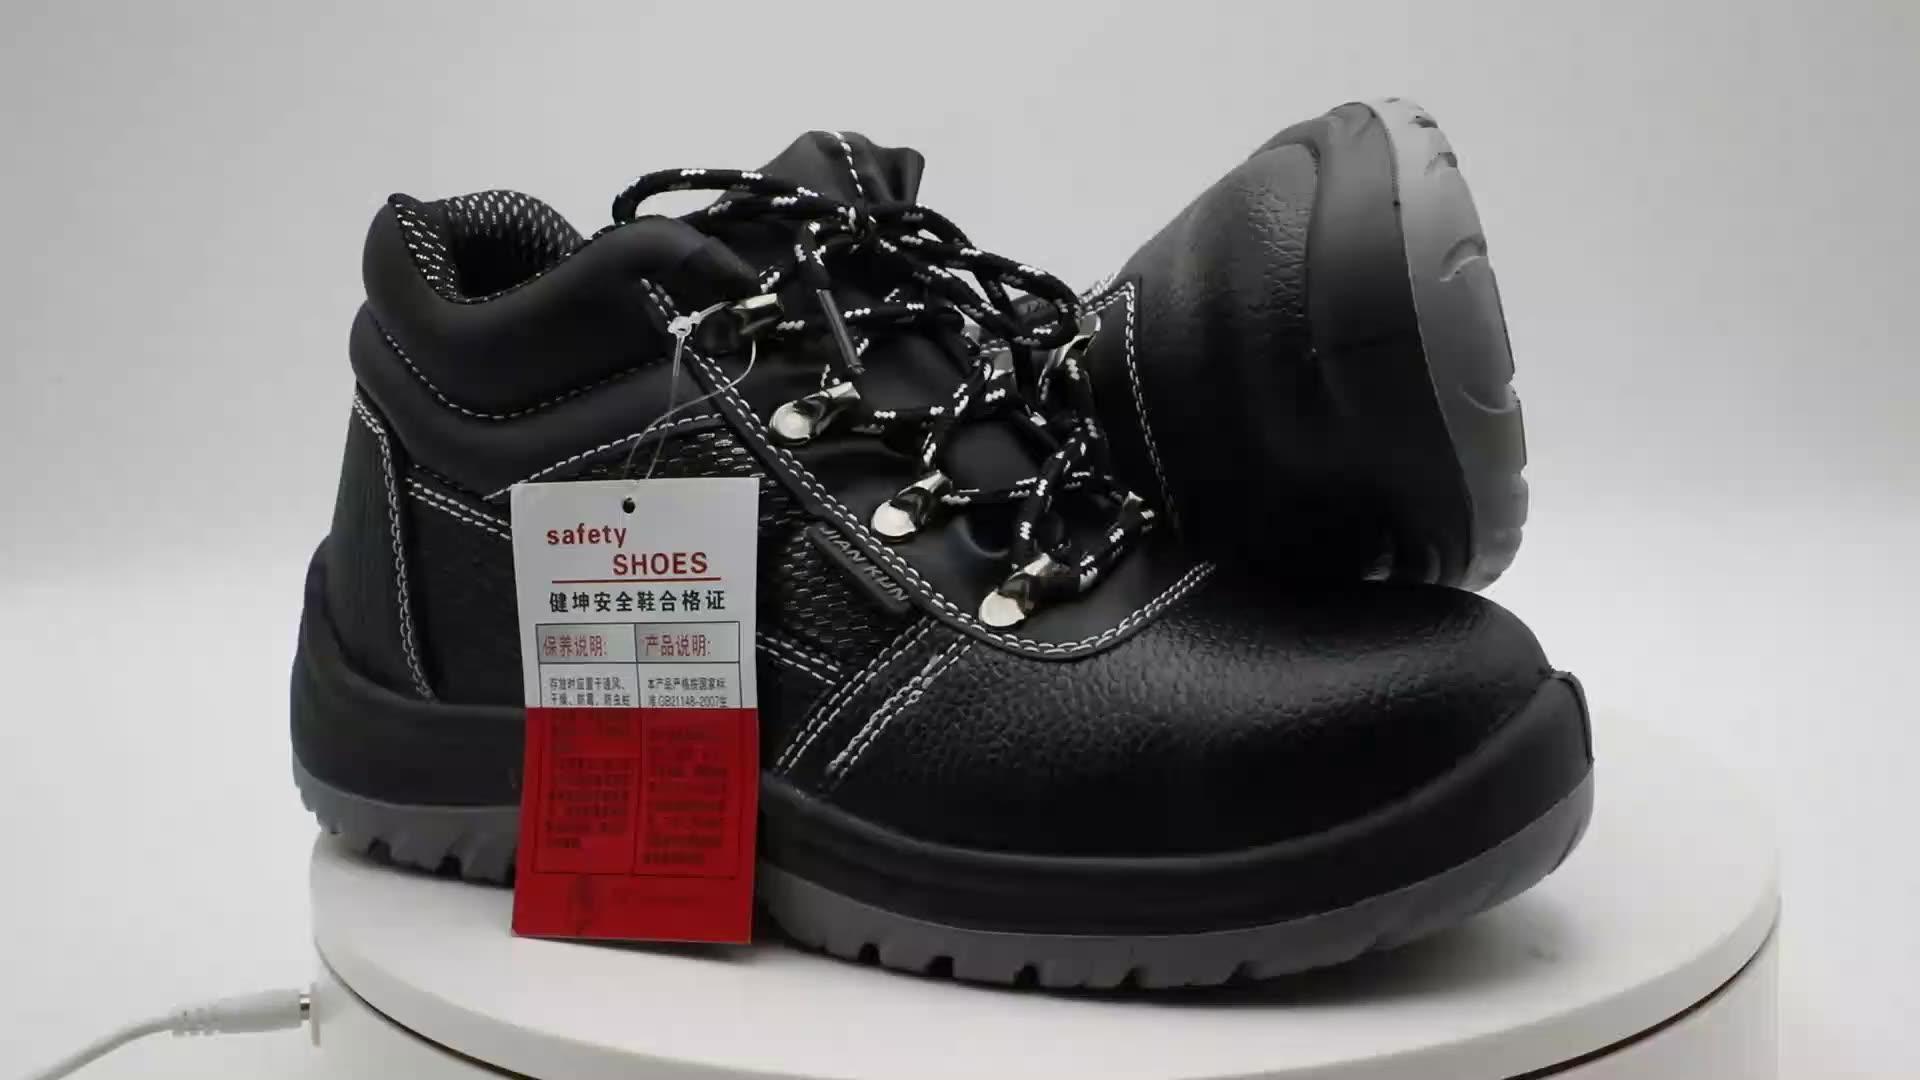 2020 mode Günstige Preis Marke Industrielle Sicherheit Schuhe Männer Stahl Kappe Kappe China Sicherheit Schuhe